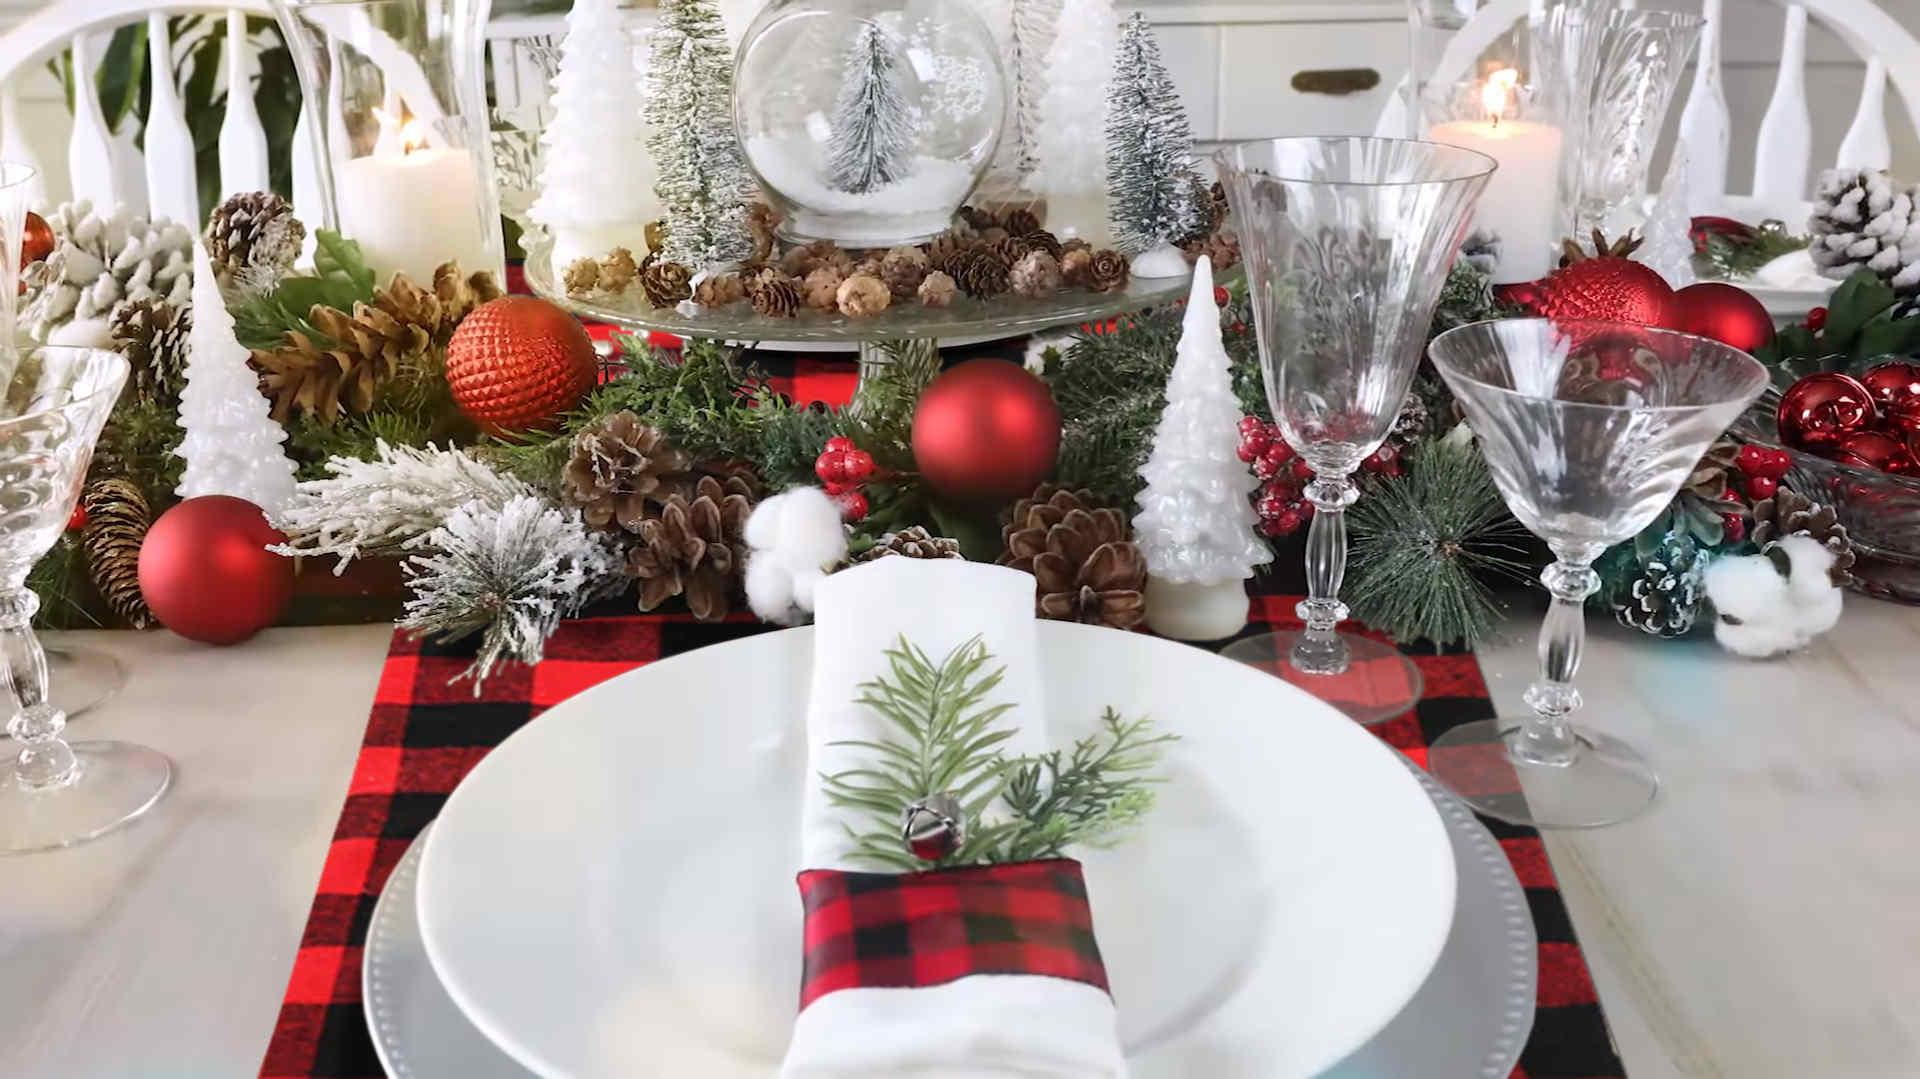 decoration table bûcheron